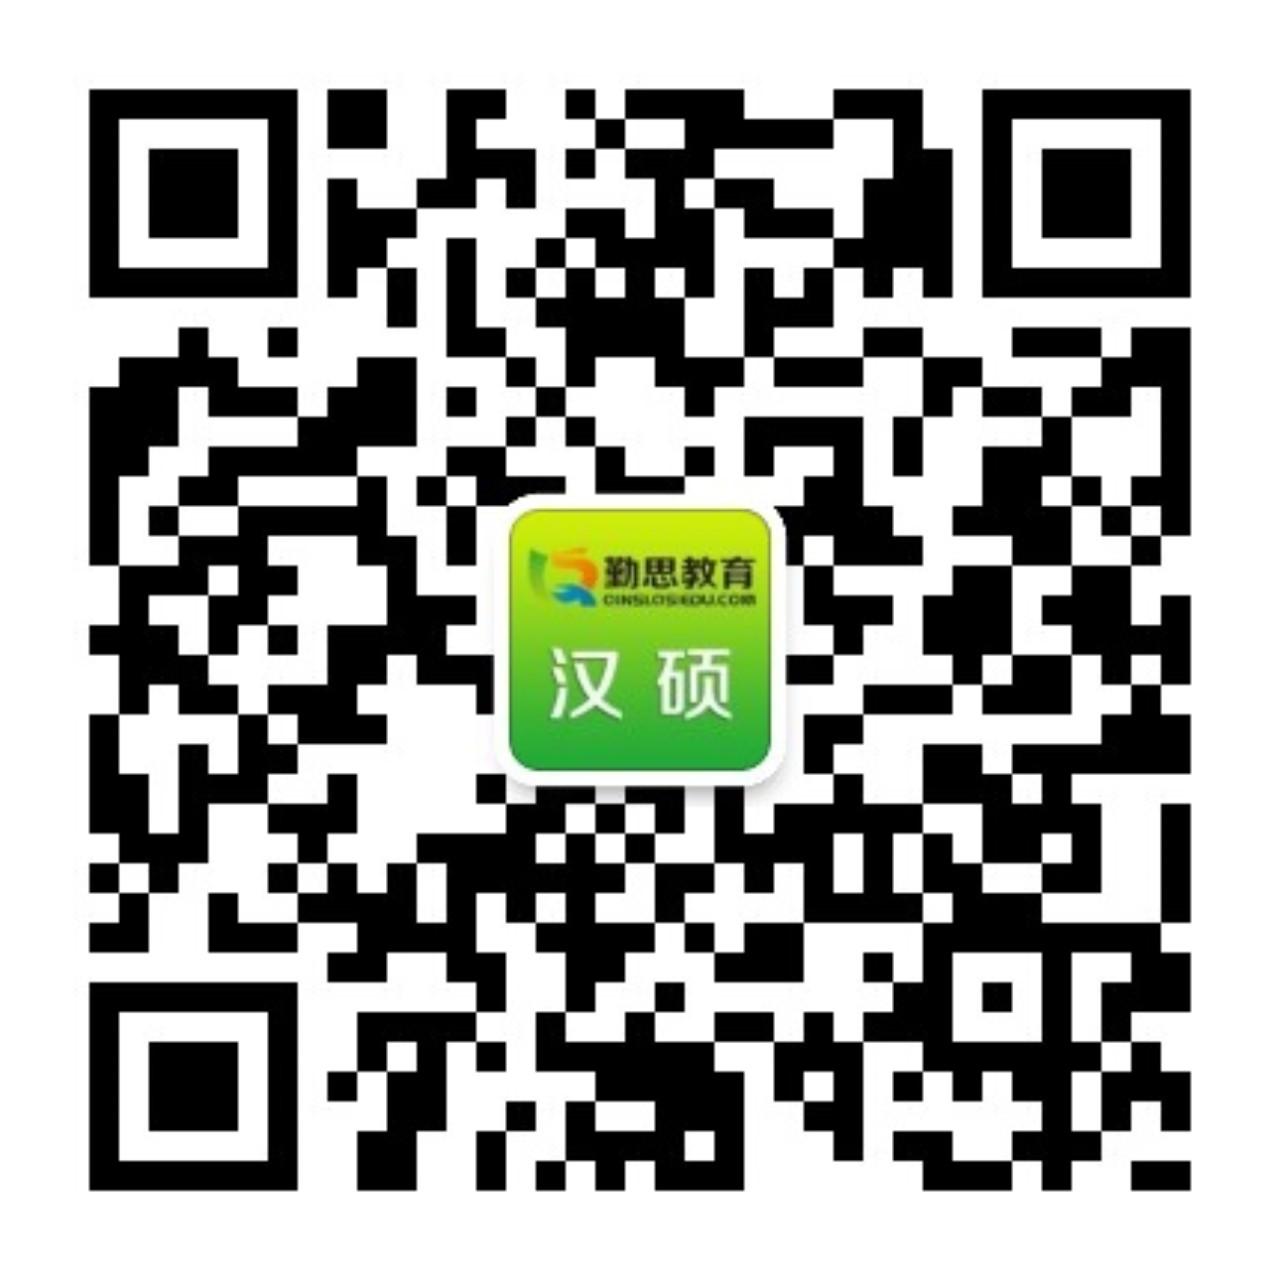 微信_汉硕.jpg